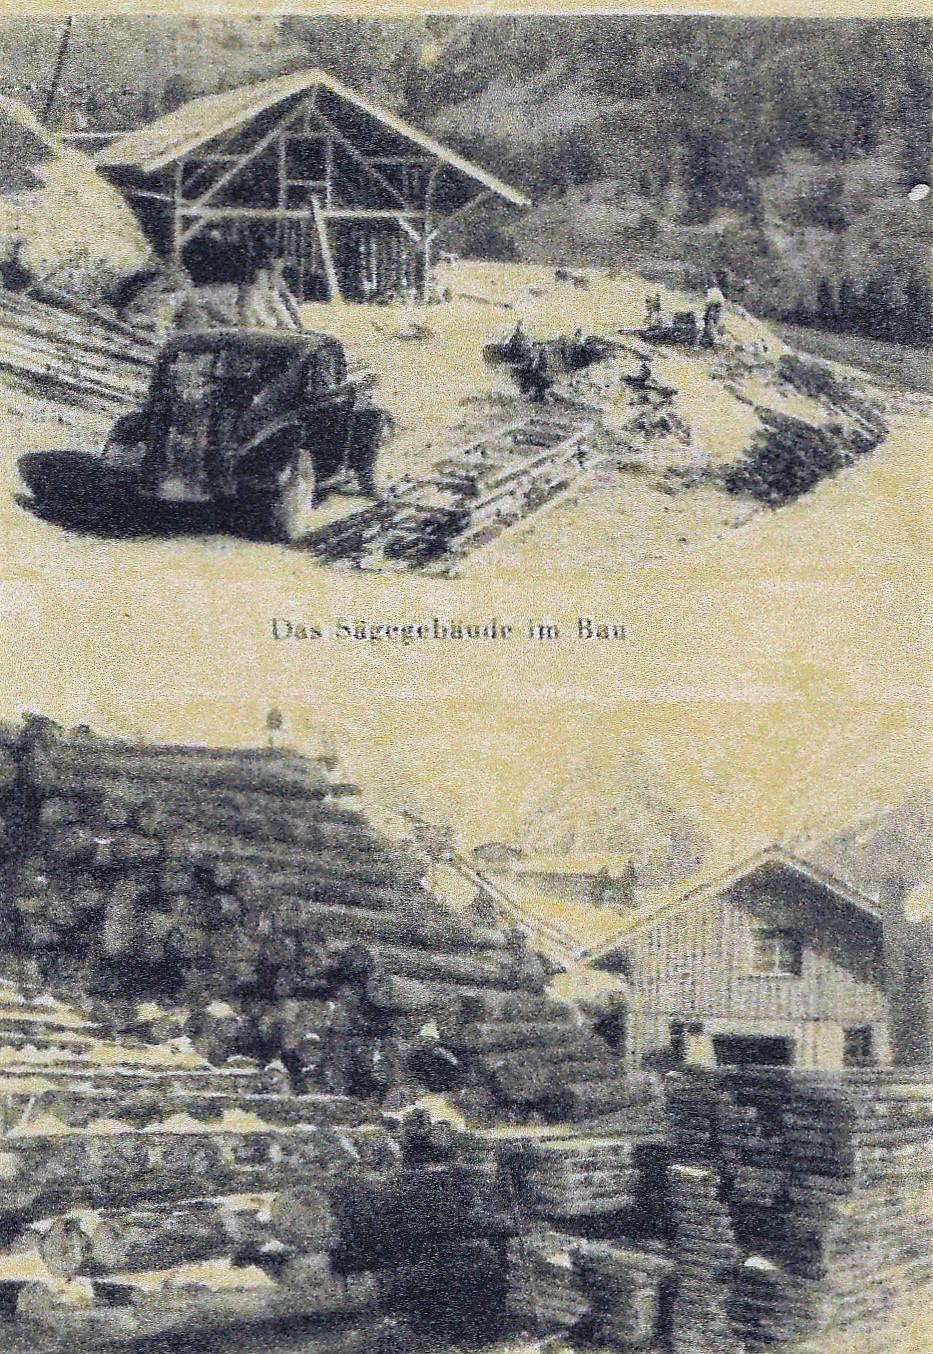 Resgia a Riein ils onns 1940-49